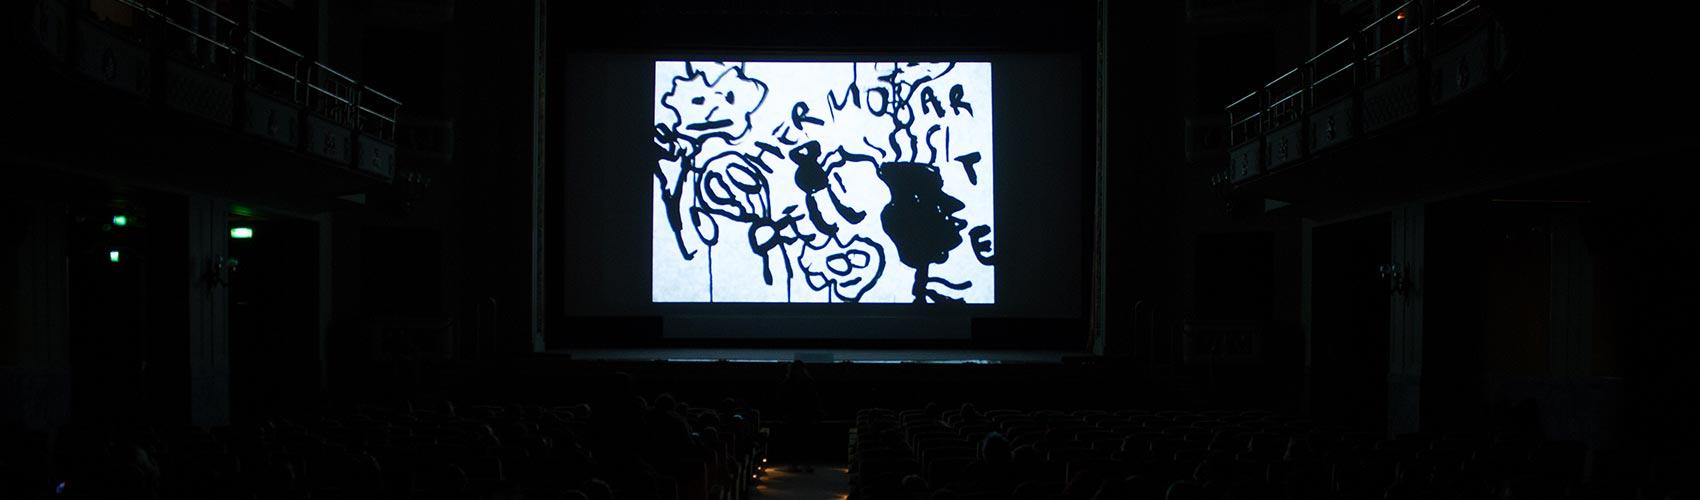 laura-steirer-schermo-dellarte-14.11.2013-3